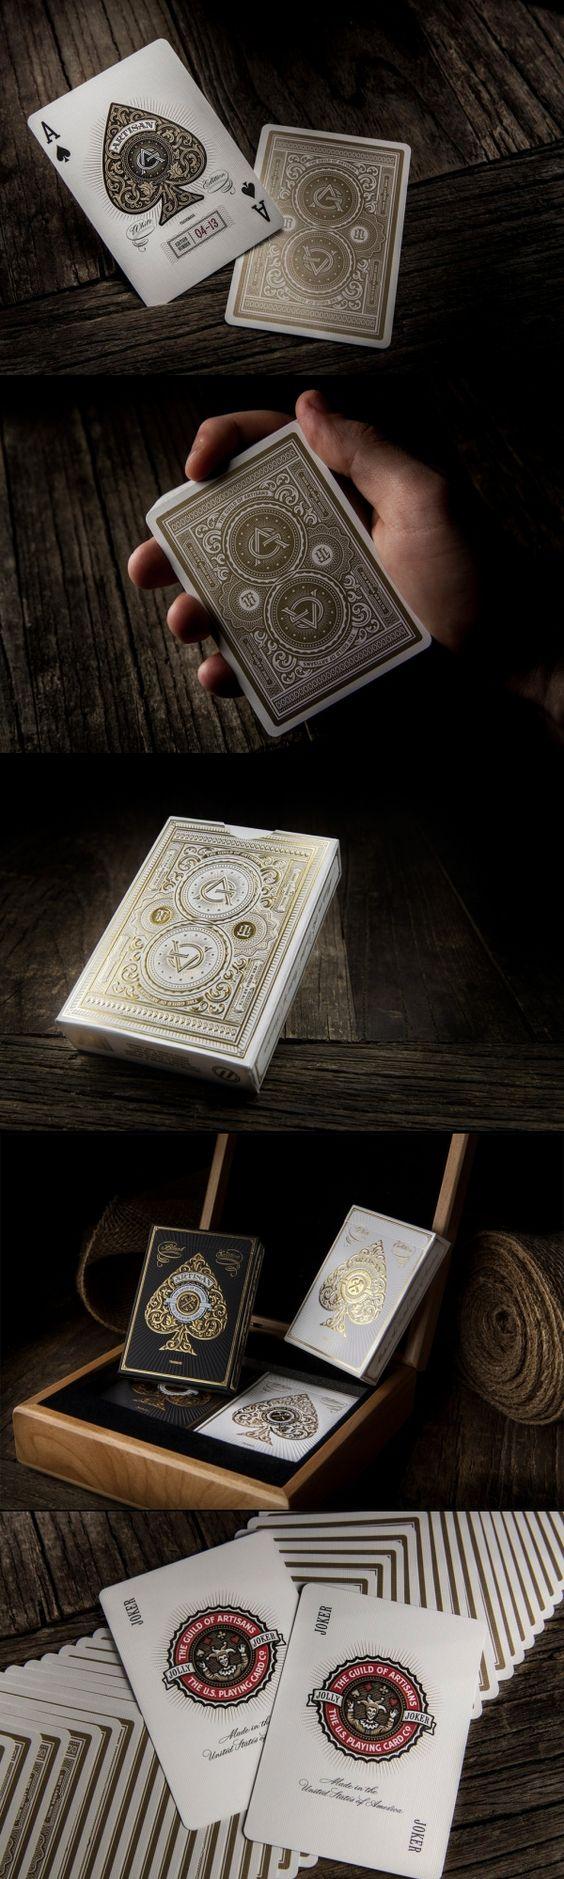 毫无疑问,扑克牌在某些时候已成为你生活的一部分,尽管它们所处的事件在每个y之间都会有所不同。